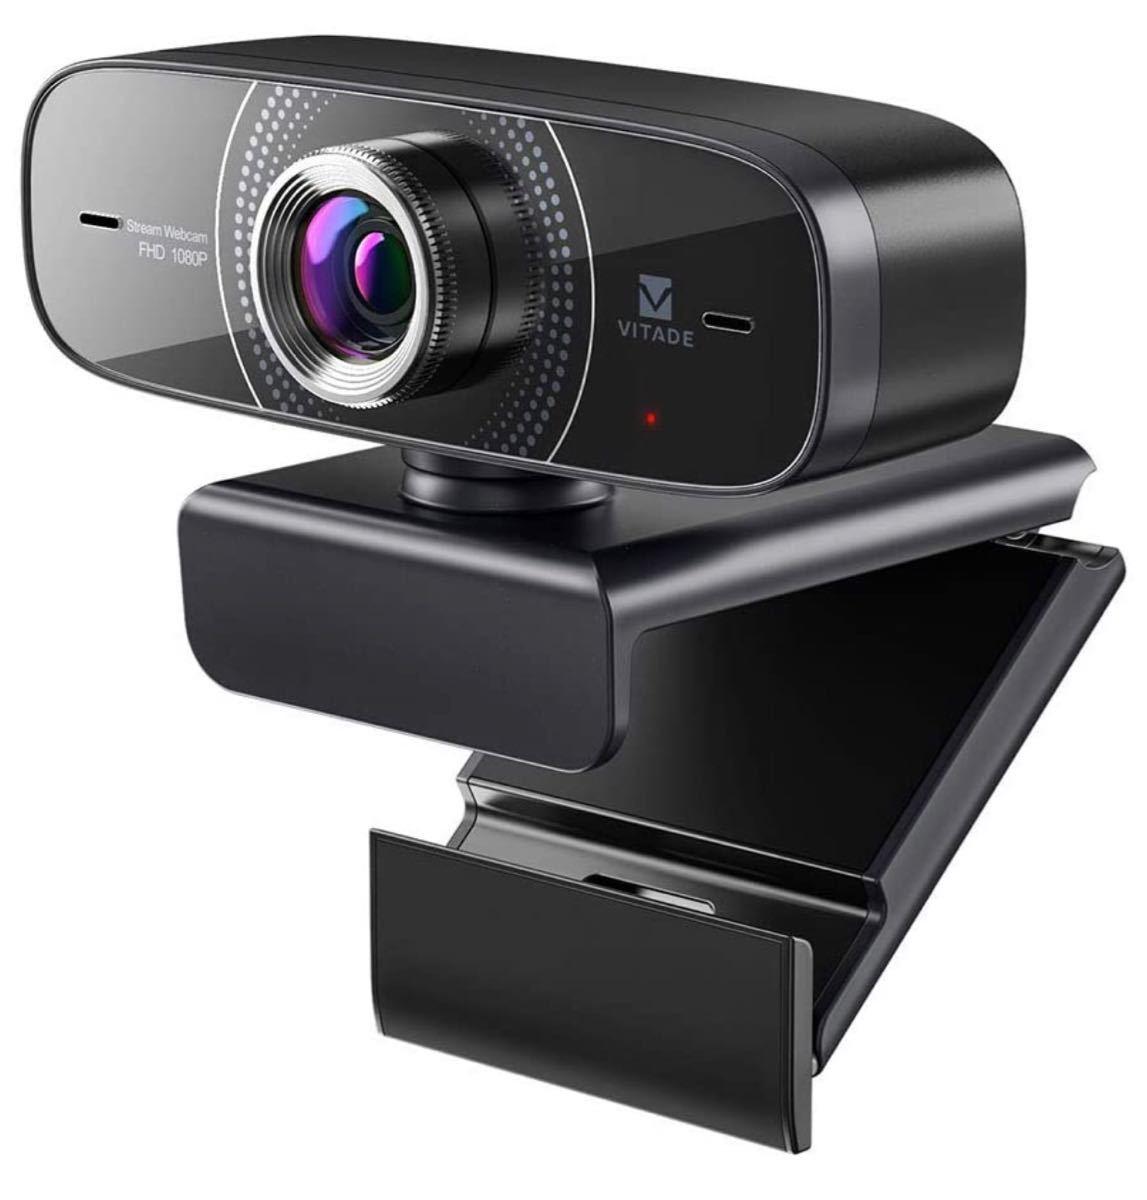 webカメラ マイク内蔵 ウェブカメラ 広角 1080P 30fps フルHD